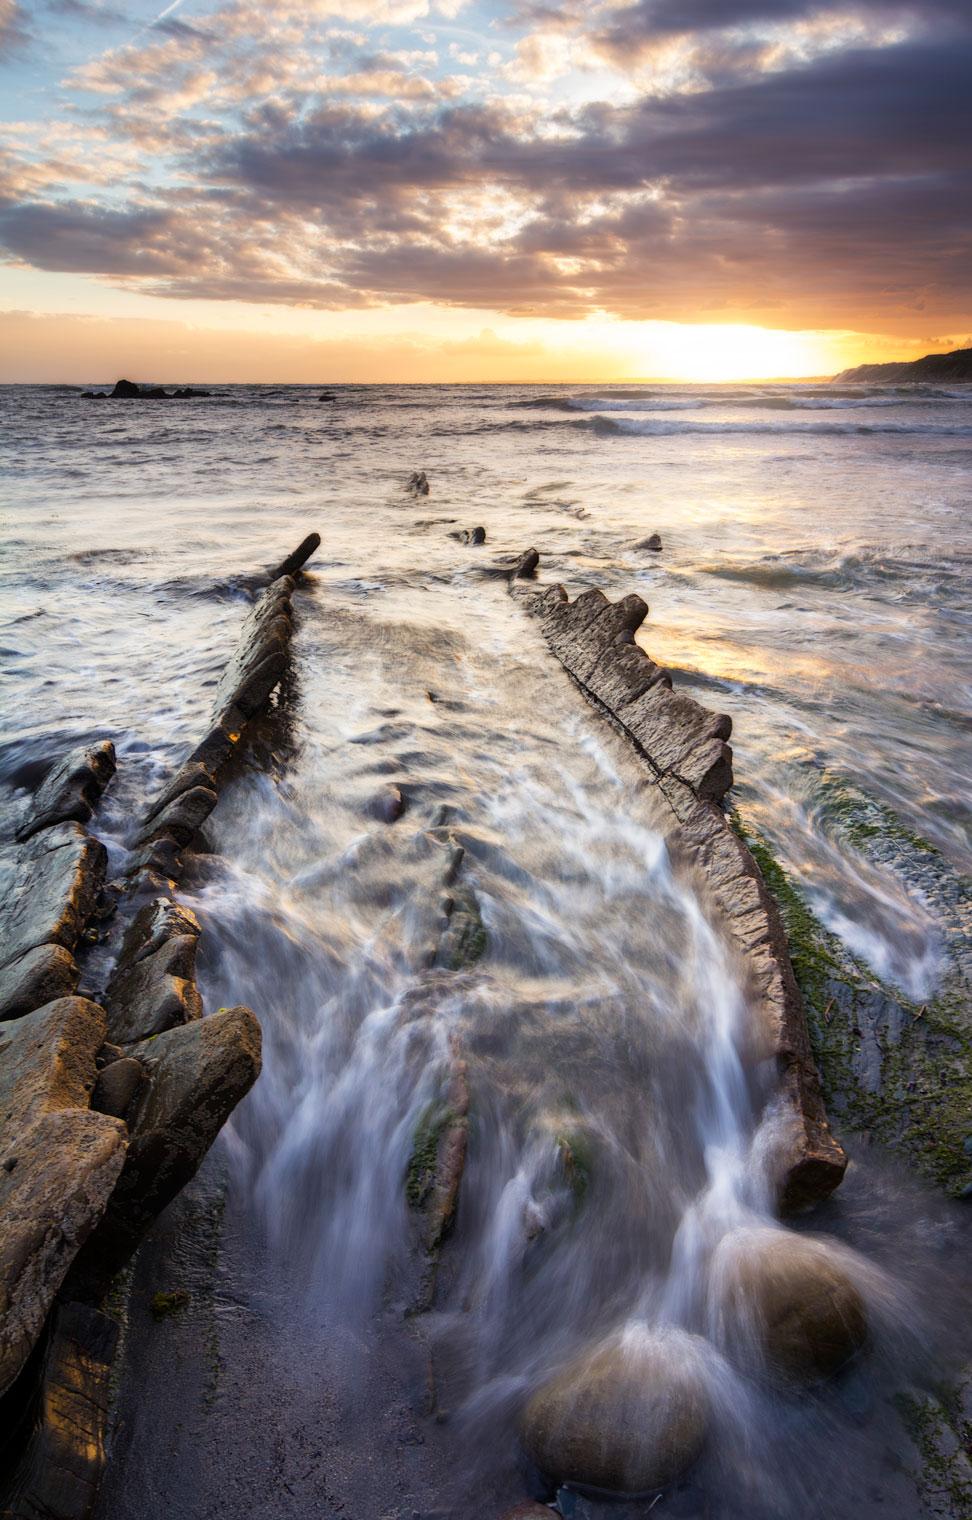 la última ola - Archivo - Iñaki Larrea, Fotografía de naturaleza y montaña